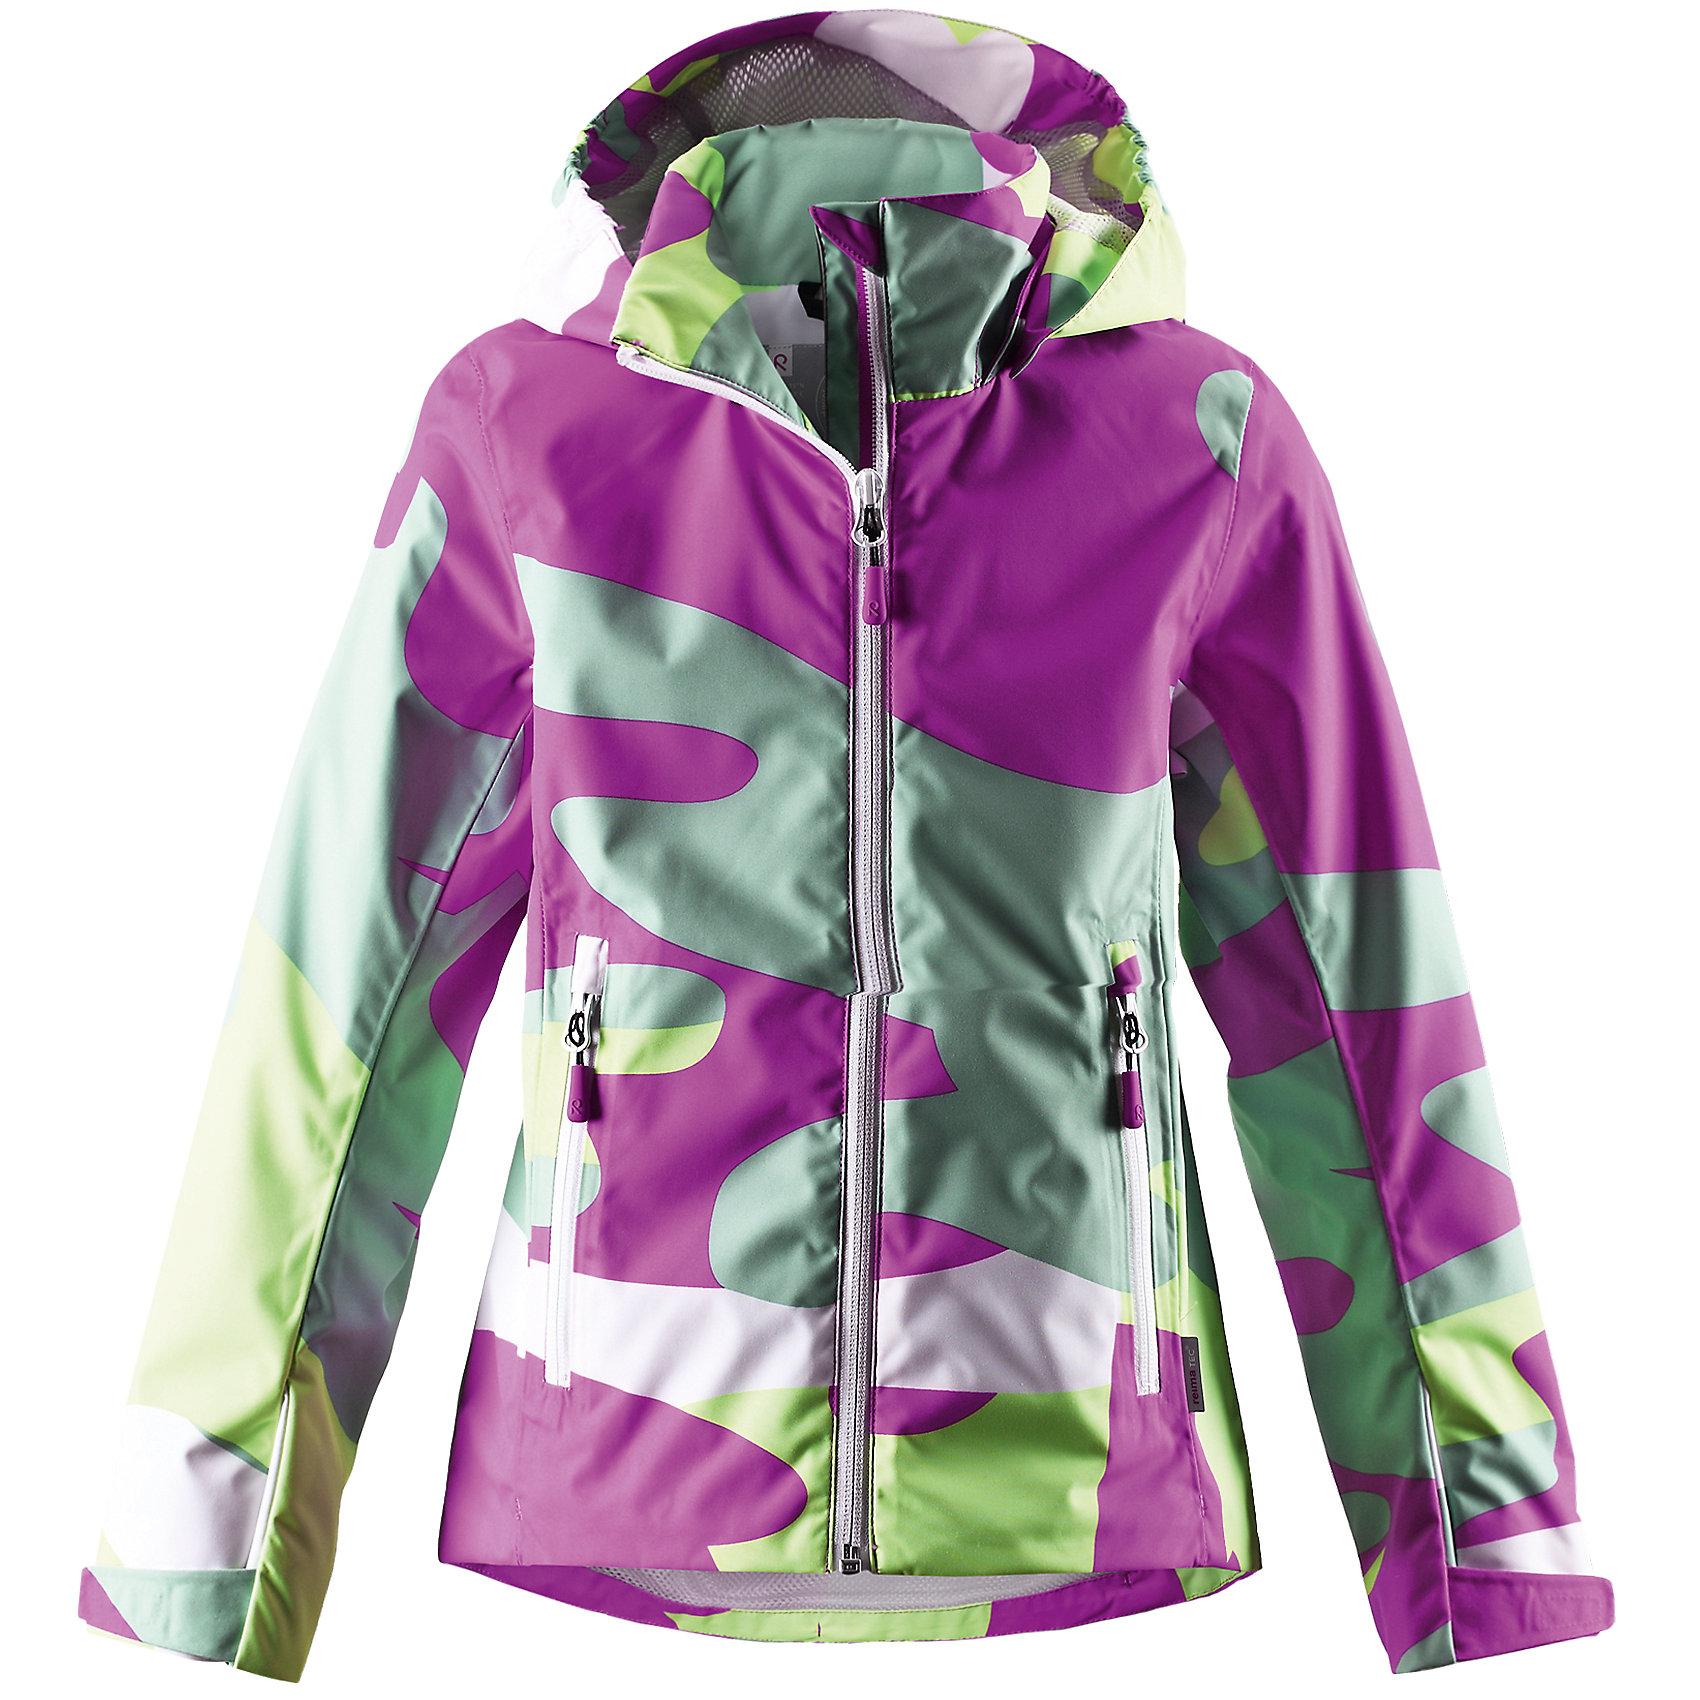 Куртка для девочки Reimatec ReimaКуртка Reimatec от финской марки Reima.<br>*Куртка демисезонная для подростков*Все швы проклеены и водонепроницаемы*Водо- и ветронепроницаемый, «дышащий» и грязеотталкивающий материал*Подкладка из mesh-сетки*Безопасный, отстегивающийся и регулируемый капюшон*Регулируемые манжеты и подол*Карманы на молнии<br>Состав:<br>100% ПЭ, ПУ-покрытие<br><br>Ширина мм: 356<br>Глубина мм: 10<br>Высота мм: 245<br>Вес г: 519<br>Цвет: фуксия<br>Возраст от месяцев: 96<br>Возраст до месяцев: 108<br>Пол: Женский<br>Возраст: Детский<br>Размер: 134,164,146,158,140,152<br>SKU: 4631520